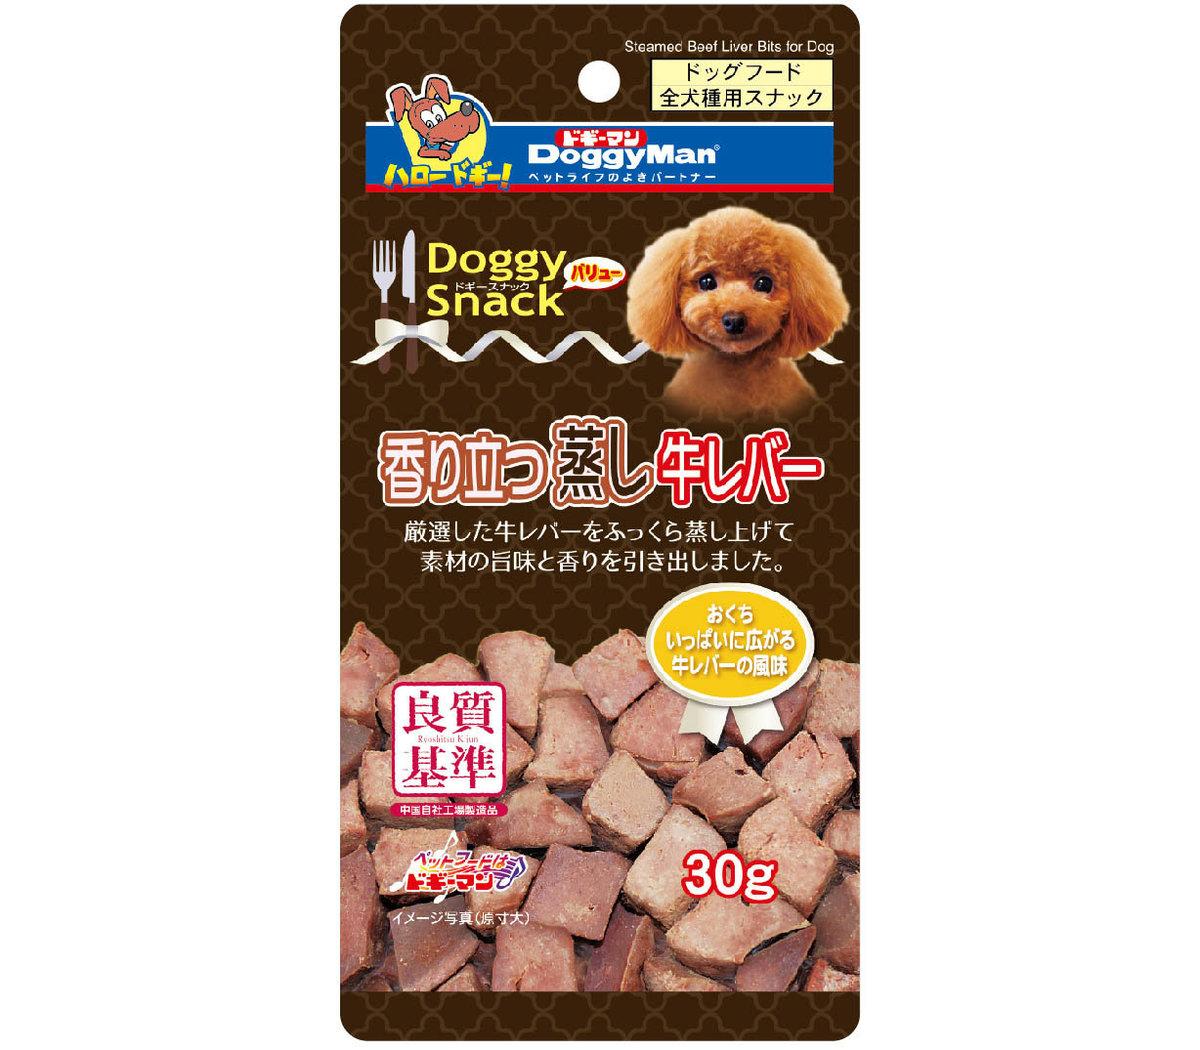 Steamed Beef Liver Bits for Dog (30g) #82143 B5